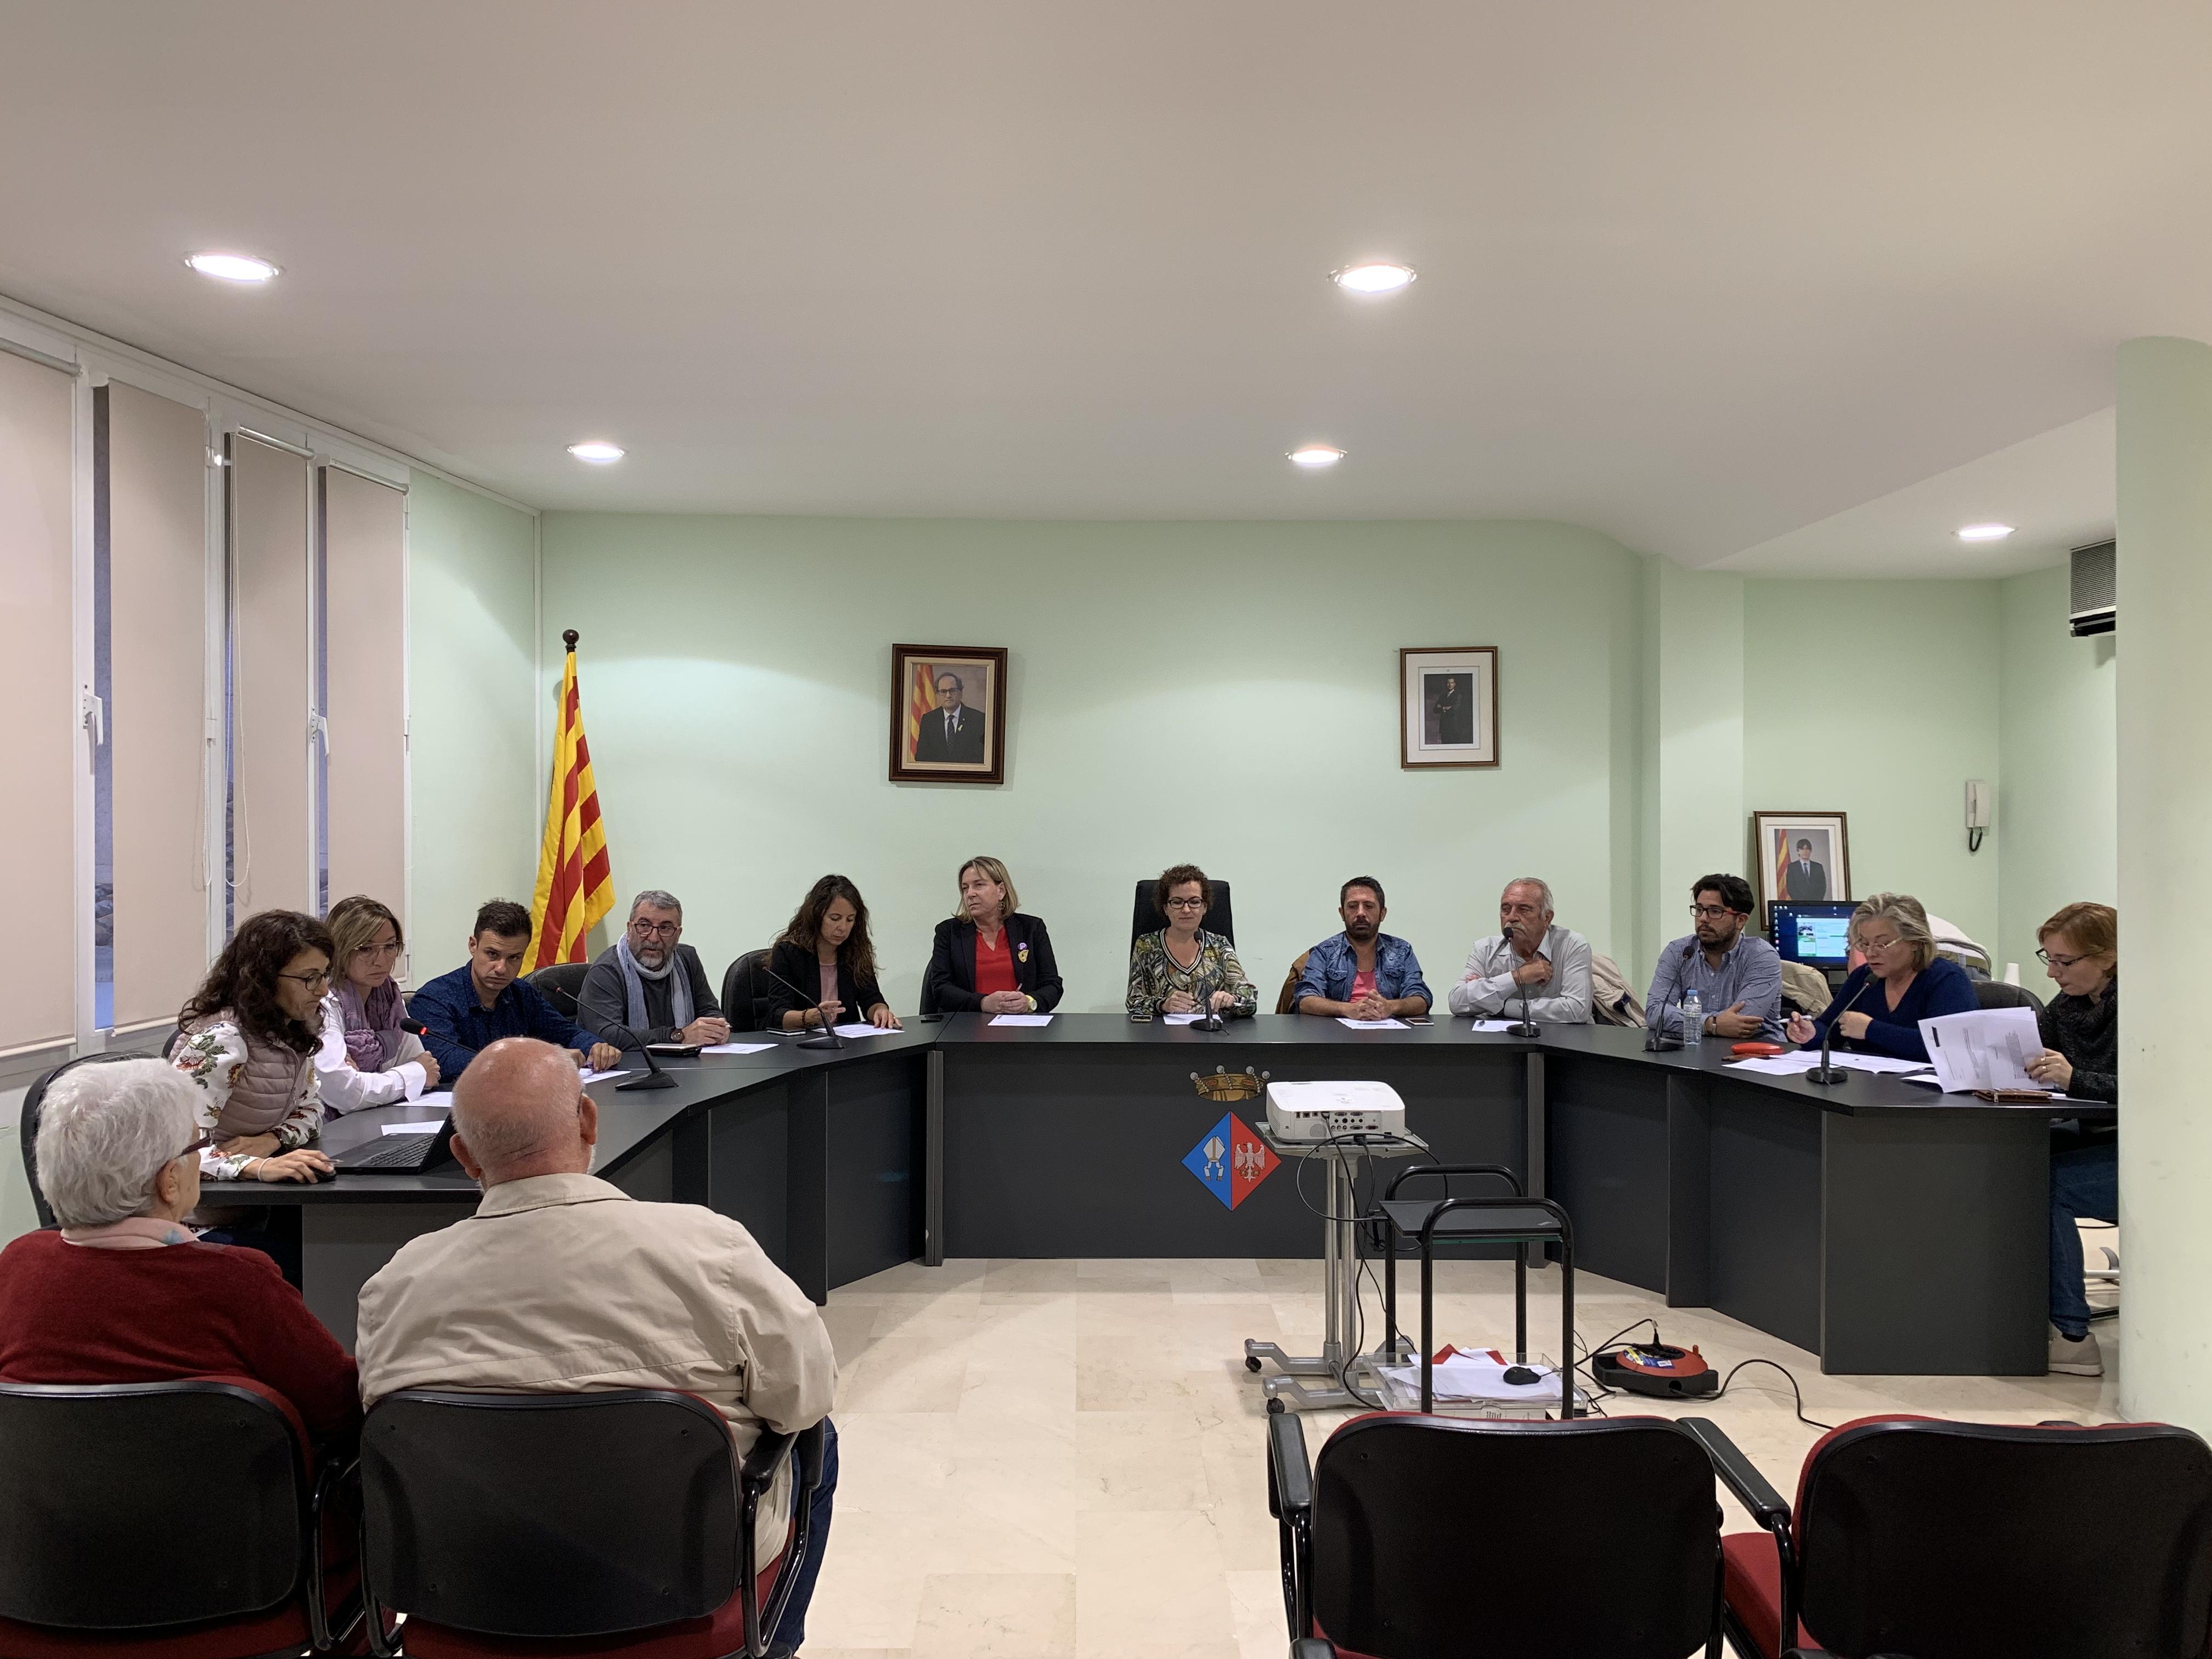 Aquest dilluns 21 d'octubre s'ha celebrat un Ple extraordinari a l'Ajuntament de la Bisbal del Penedès